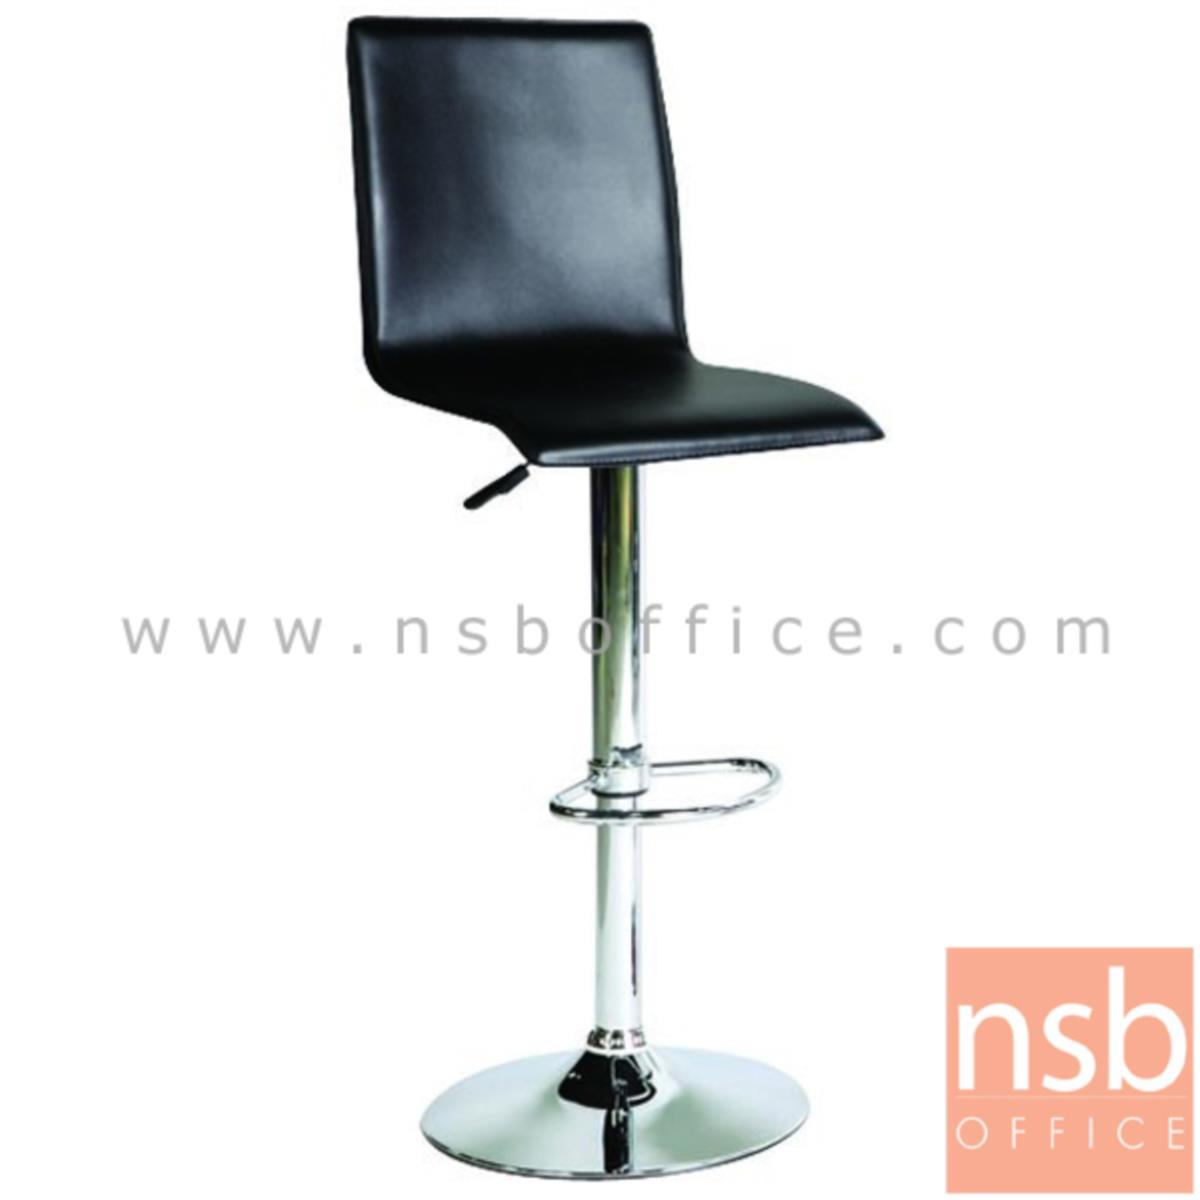 B09A116:เก้าอี้บาร์สูงหนังเทียม รุ่น Emerson (อีเมอร์สัน) ขนาด 37W cm. โช๊คแก๊ส ขาโครเมี่ยมฐานจานกลม